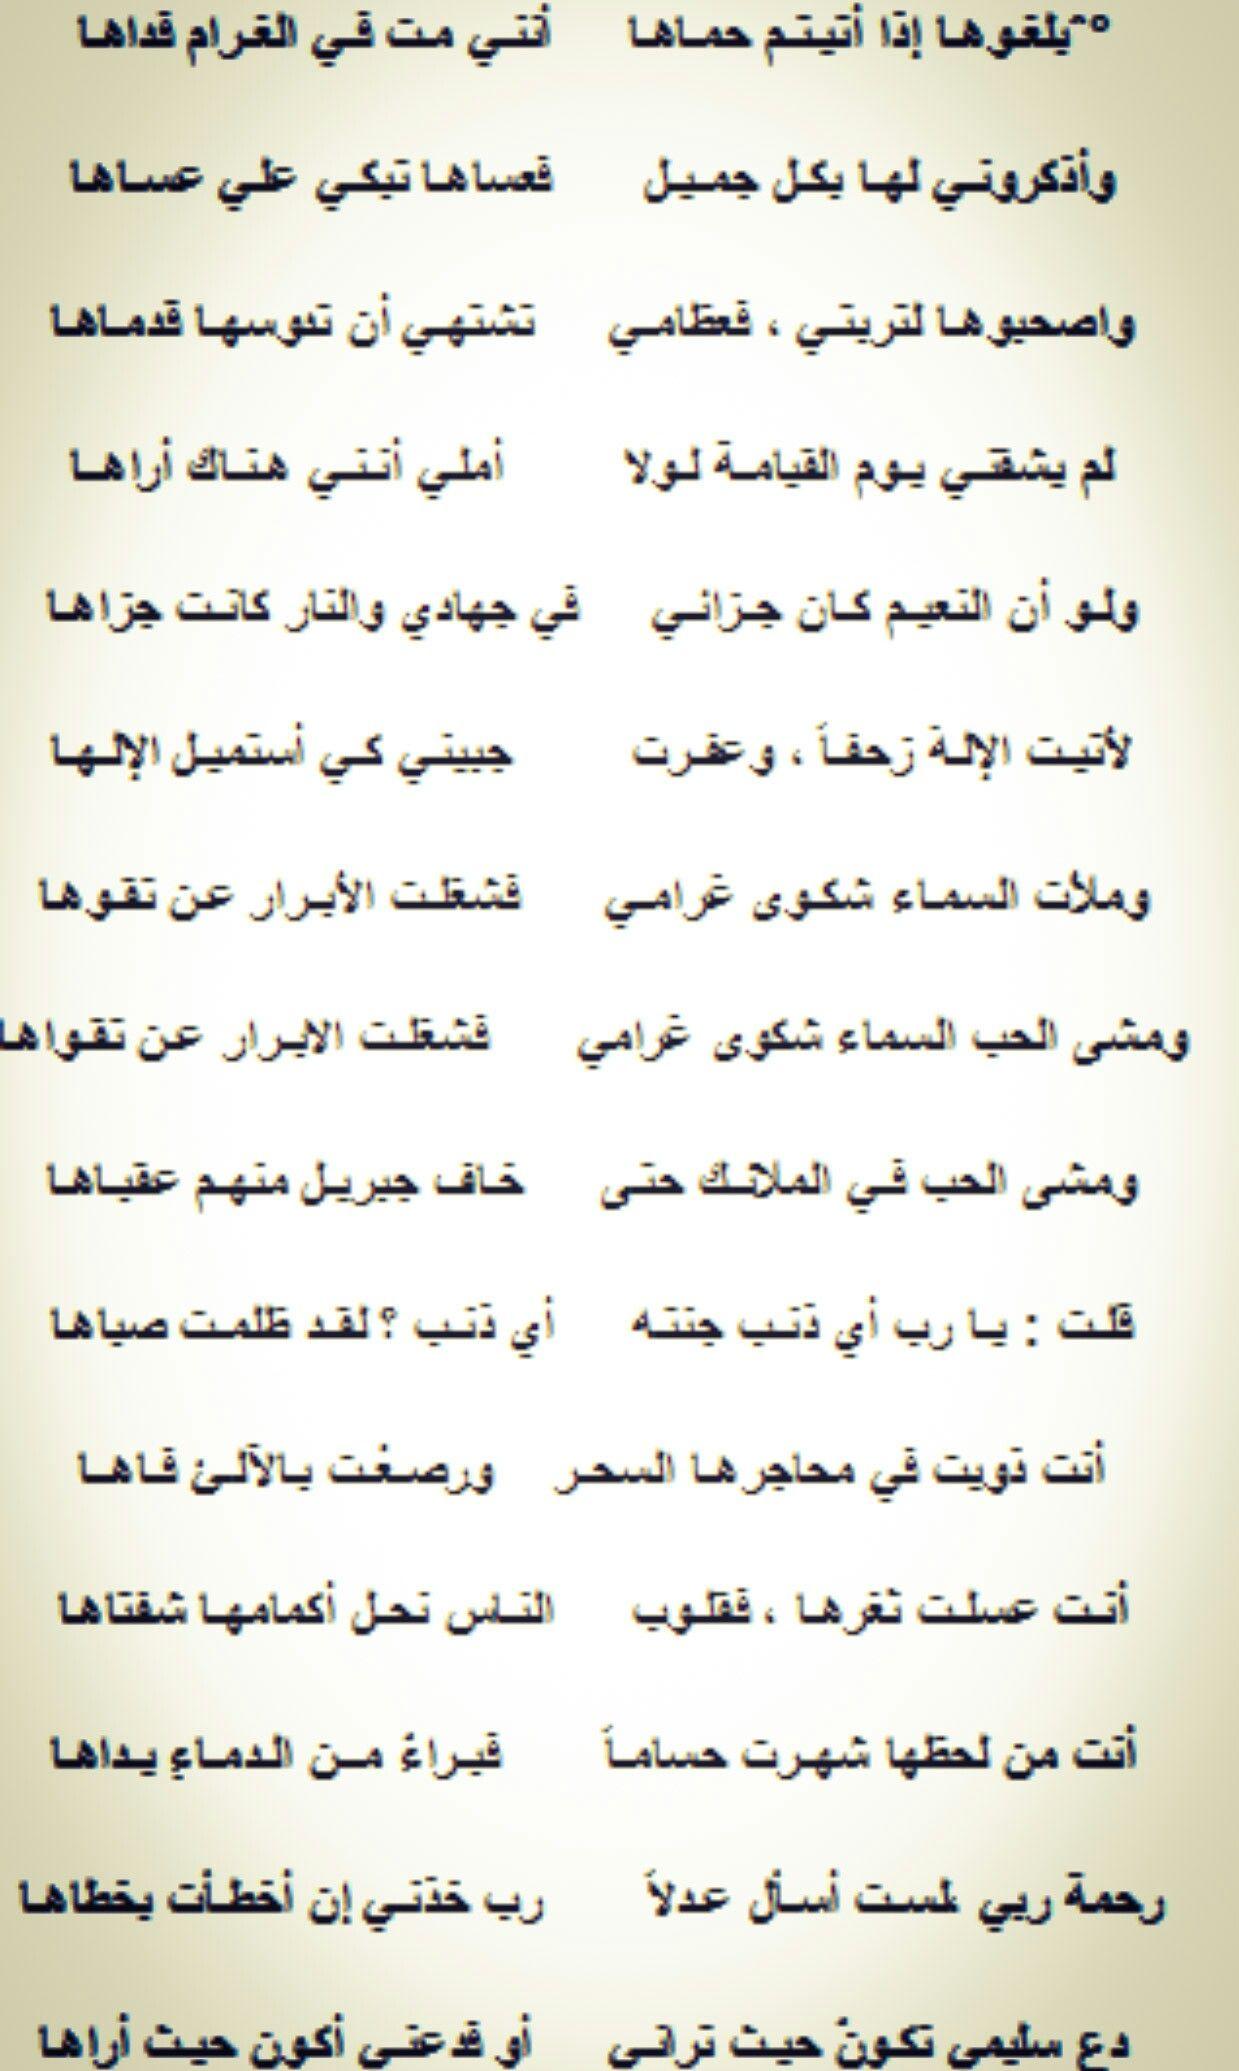 الاخطل الصغير هو بشارة عبد الله الخوري المعروف بالأخطل الصغير ولقب أيضا بـ شاعر الحب والهوى و شاعر الصبا والجمال وسبب Free Books Download Lalic Free Books